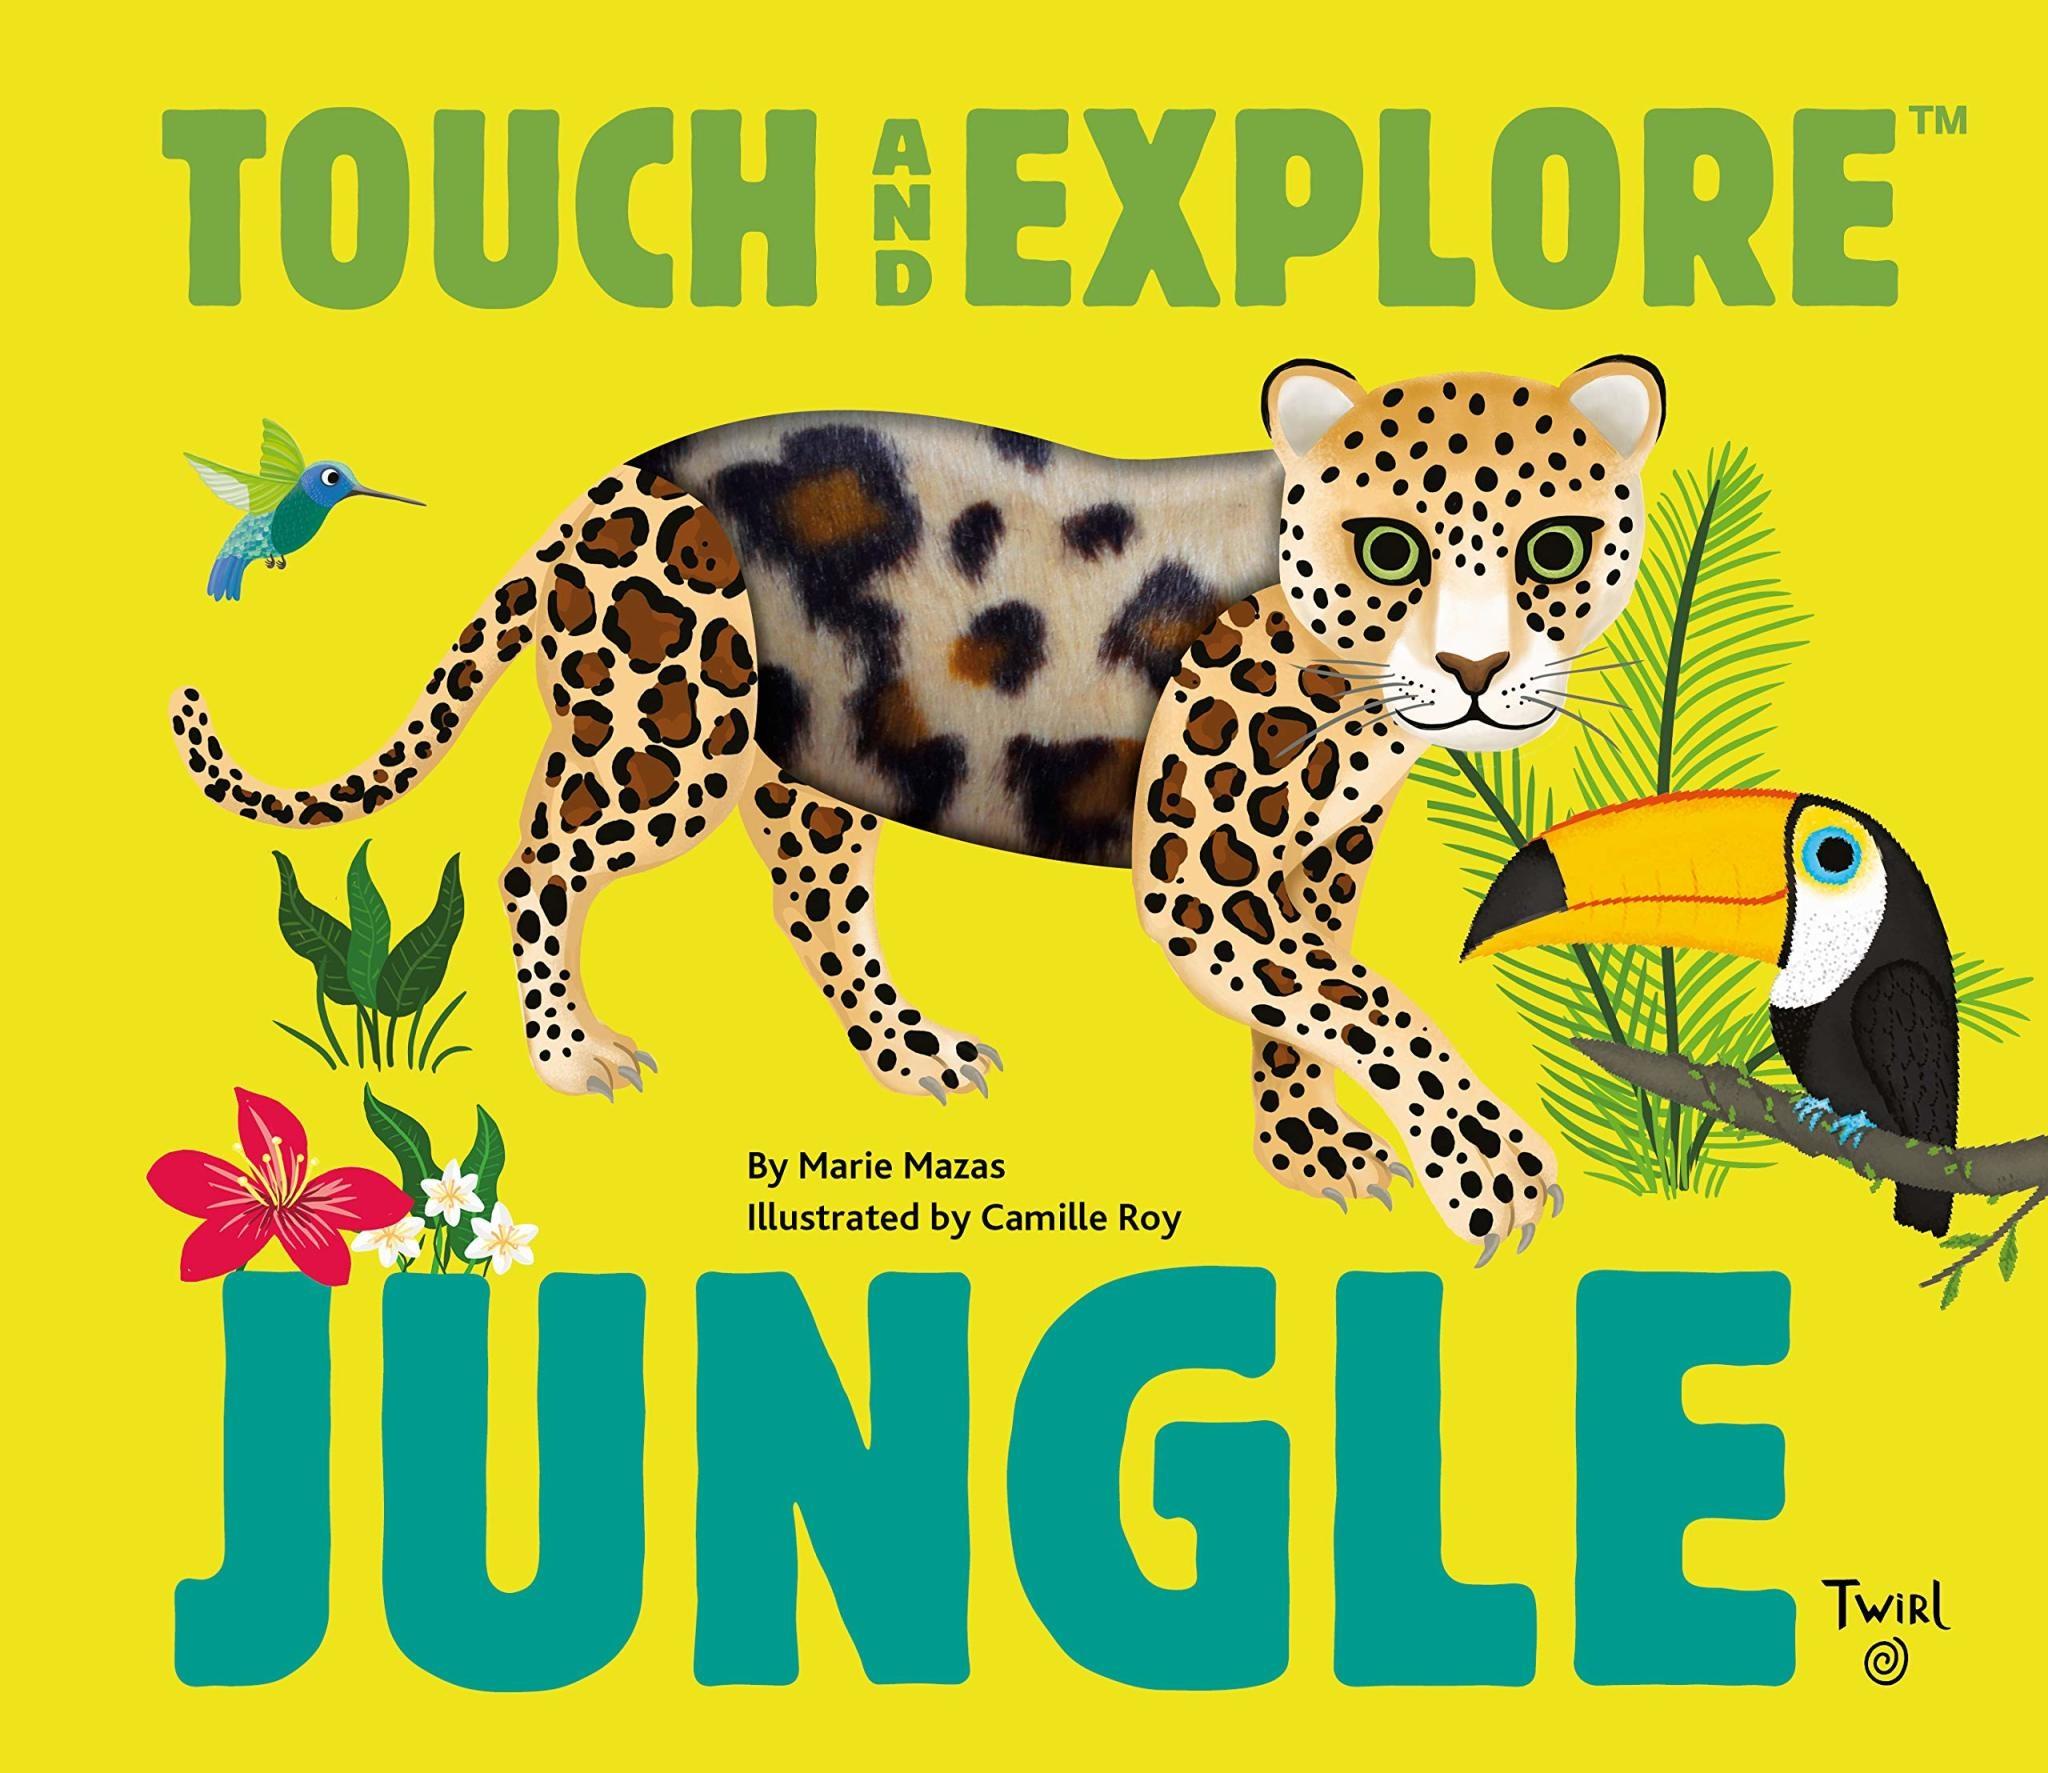 jungle animals touch & explore book-1